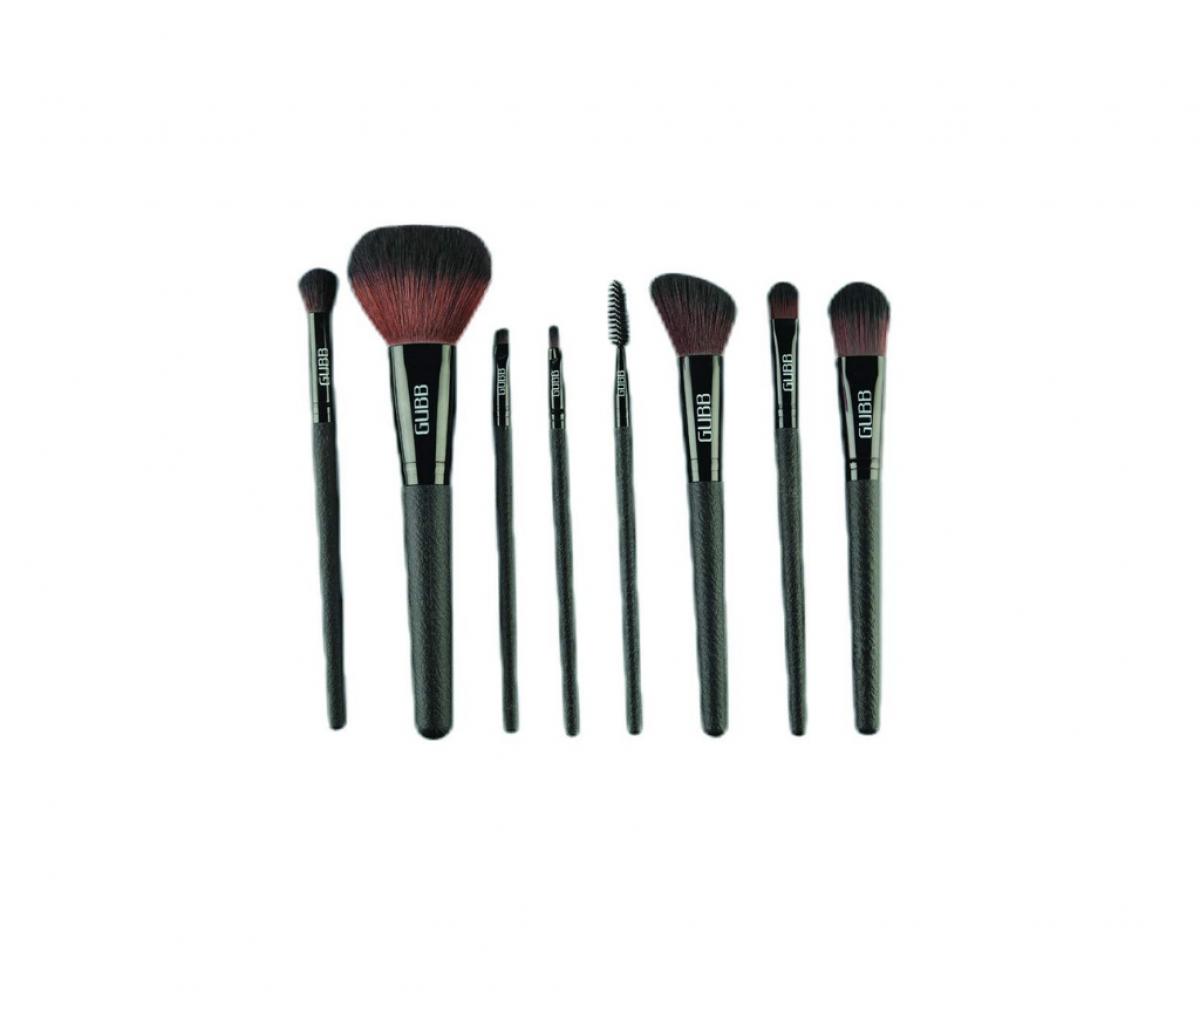 GUBB Make Up Brushes Set(8 Brushes)